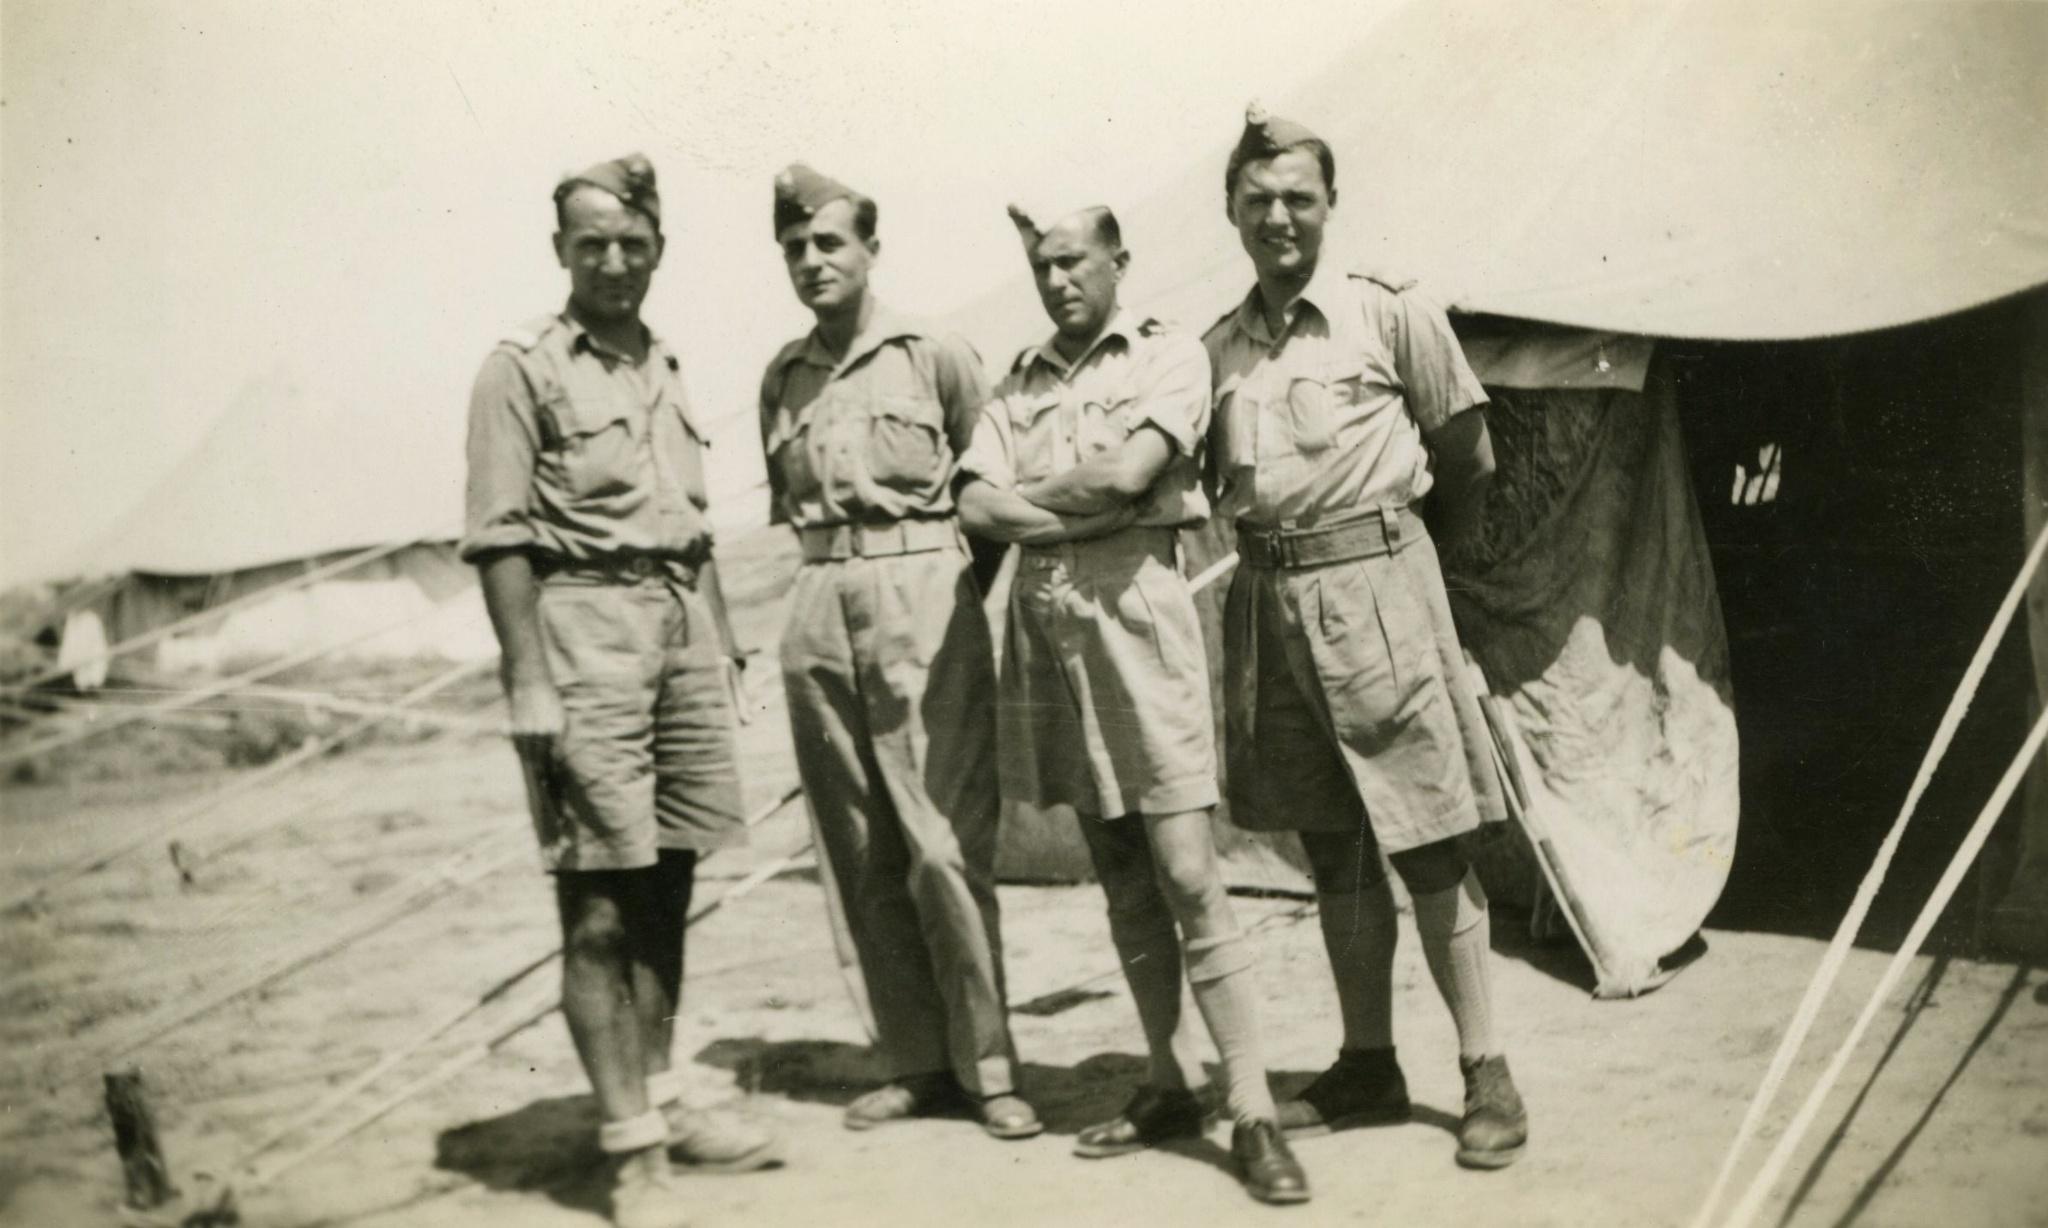 <div class='inner-box'><div class='close-desc'></div><span class='opis'>Jerzy Giedroyc (drugi od lewej) wśród żołnierzy Brygady Karpackiej, Libia, 1941-1942.</span><div class='clearfix'></div><span>Sygn. FIL00075</span><div class='clearfix'></div><span>© Instytut Literacki</span></div>